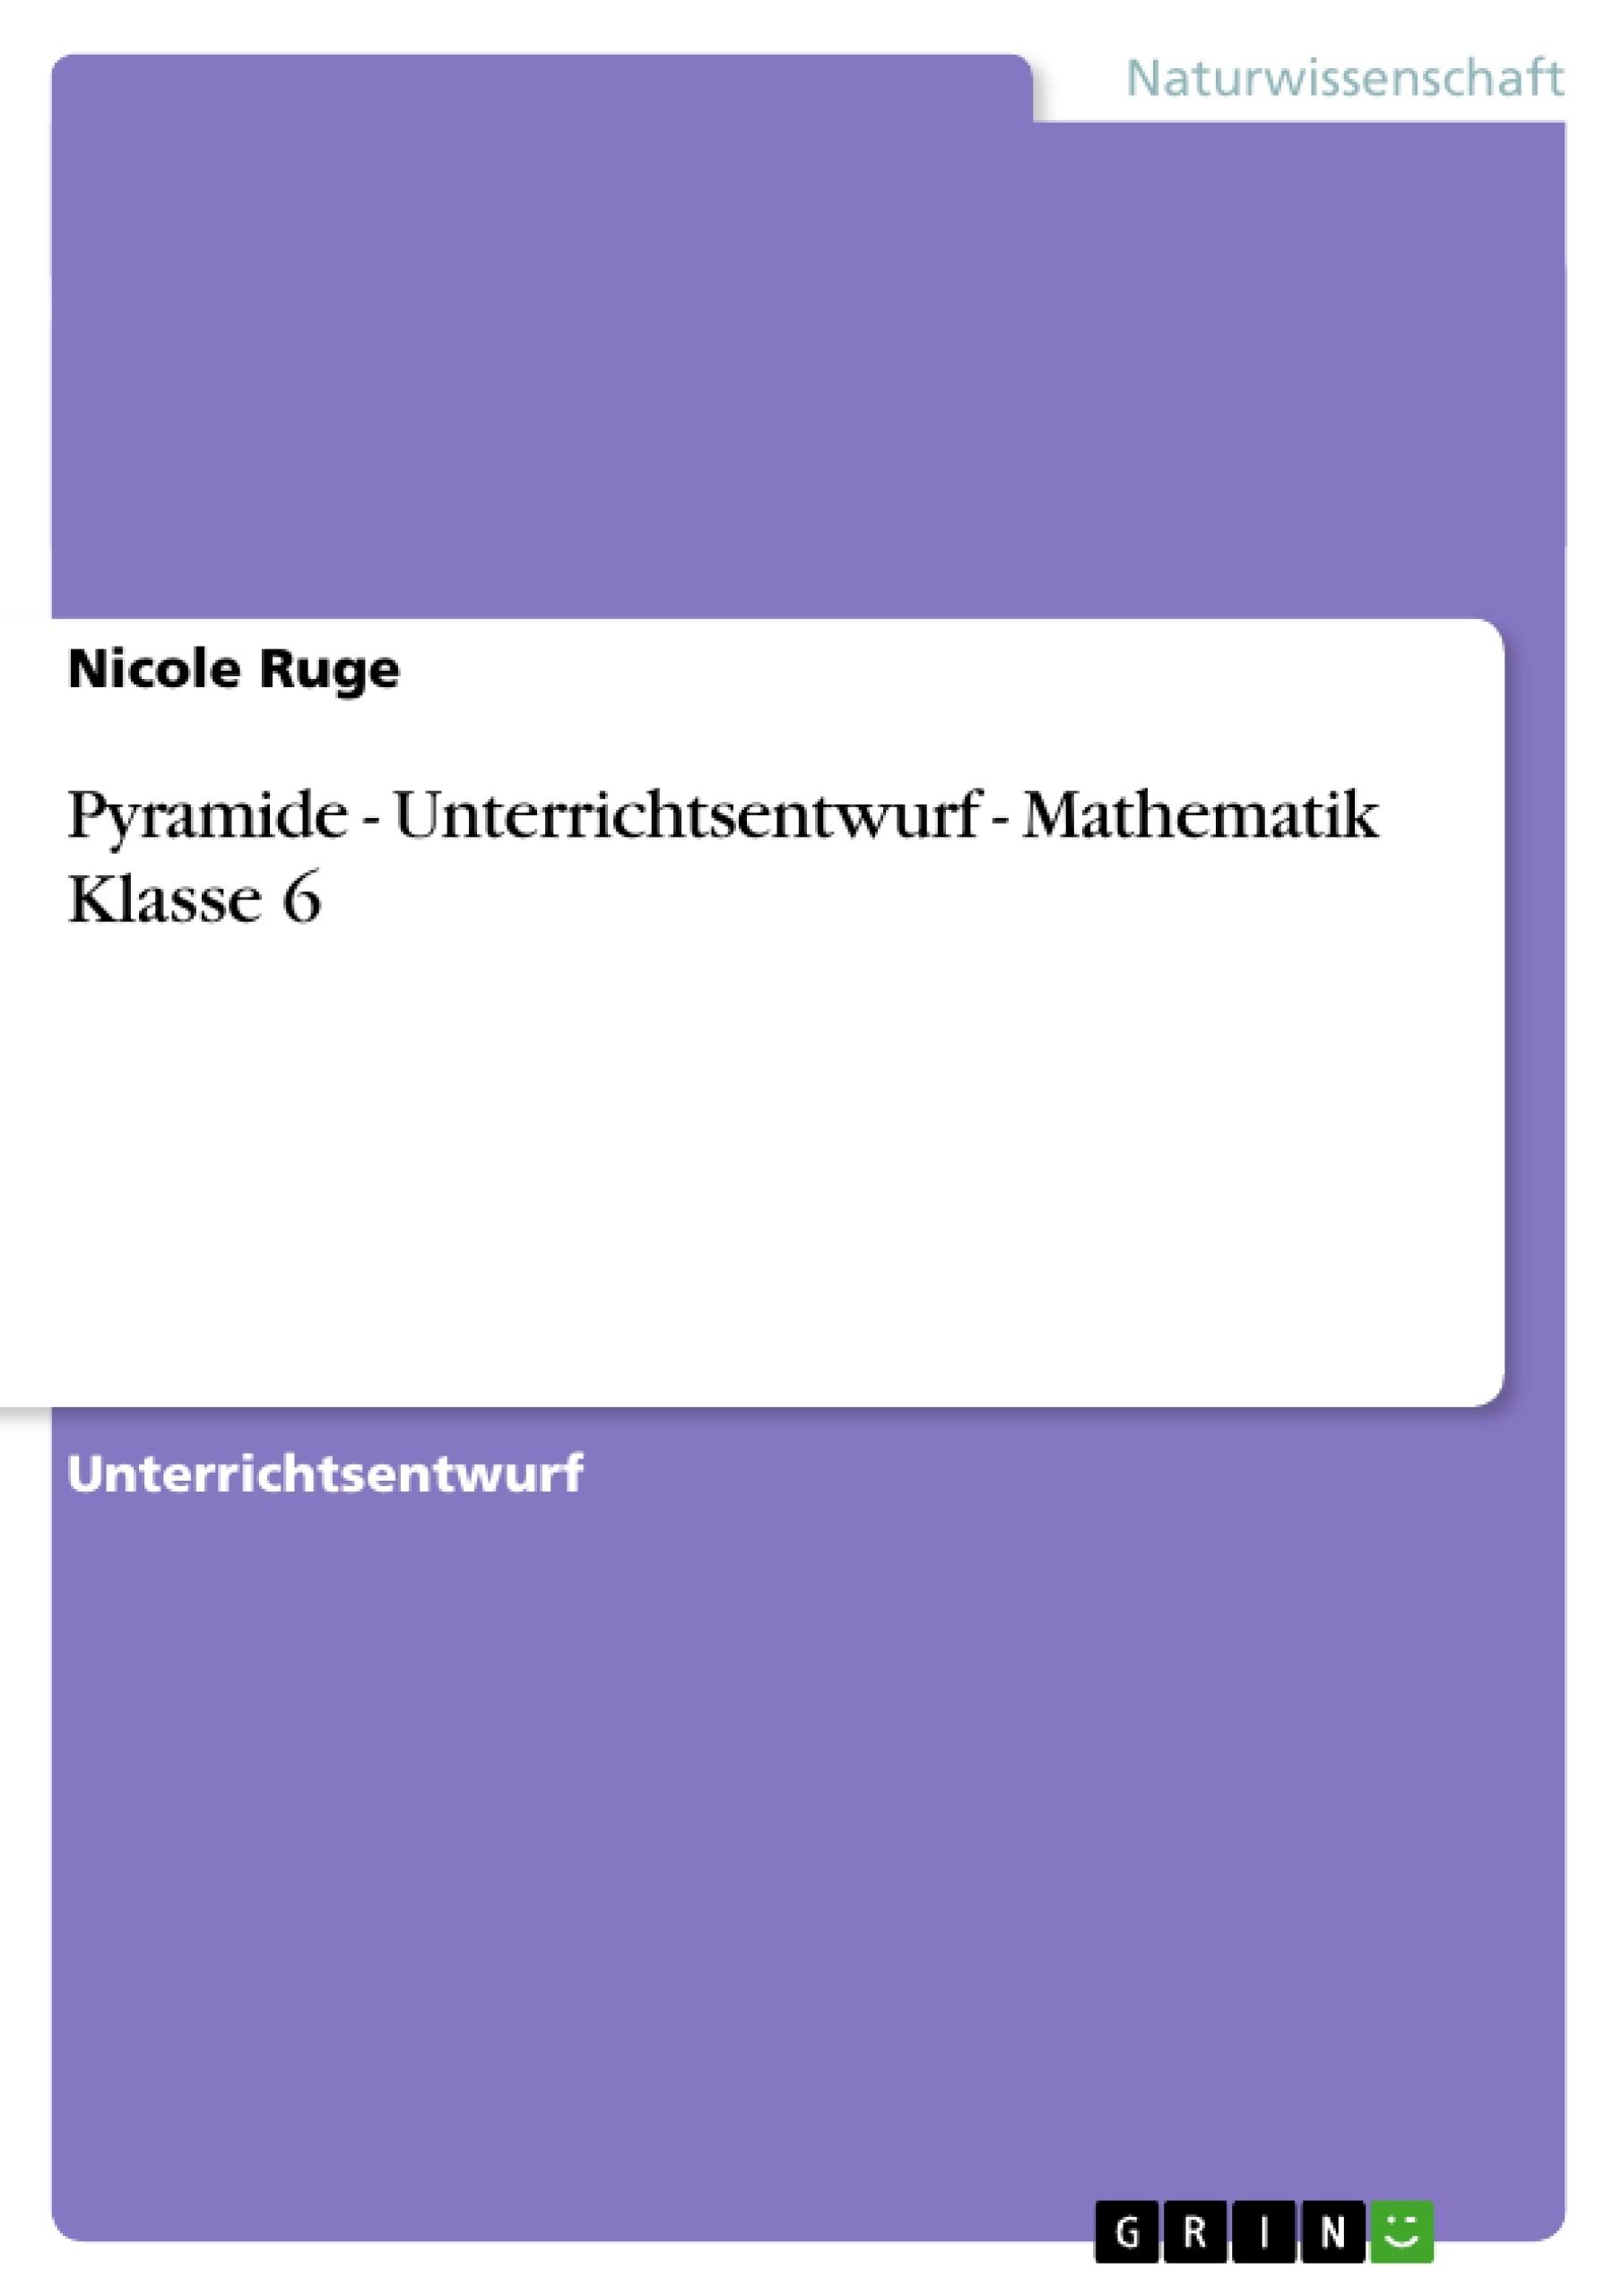 Titel: Pyramide - Unterrichtsentwurf - Mathematik Klasse 6